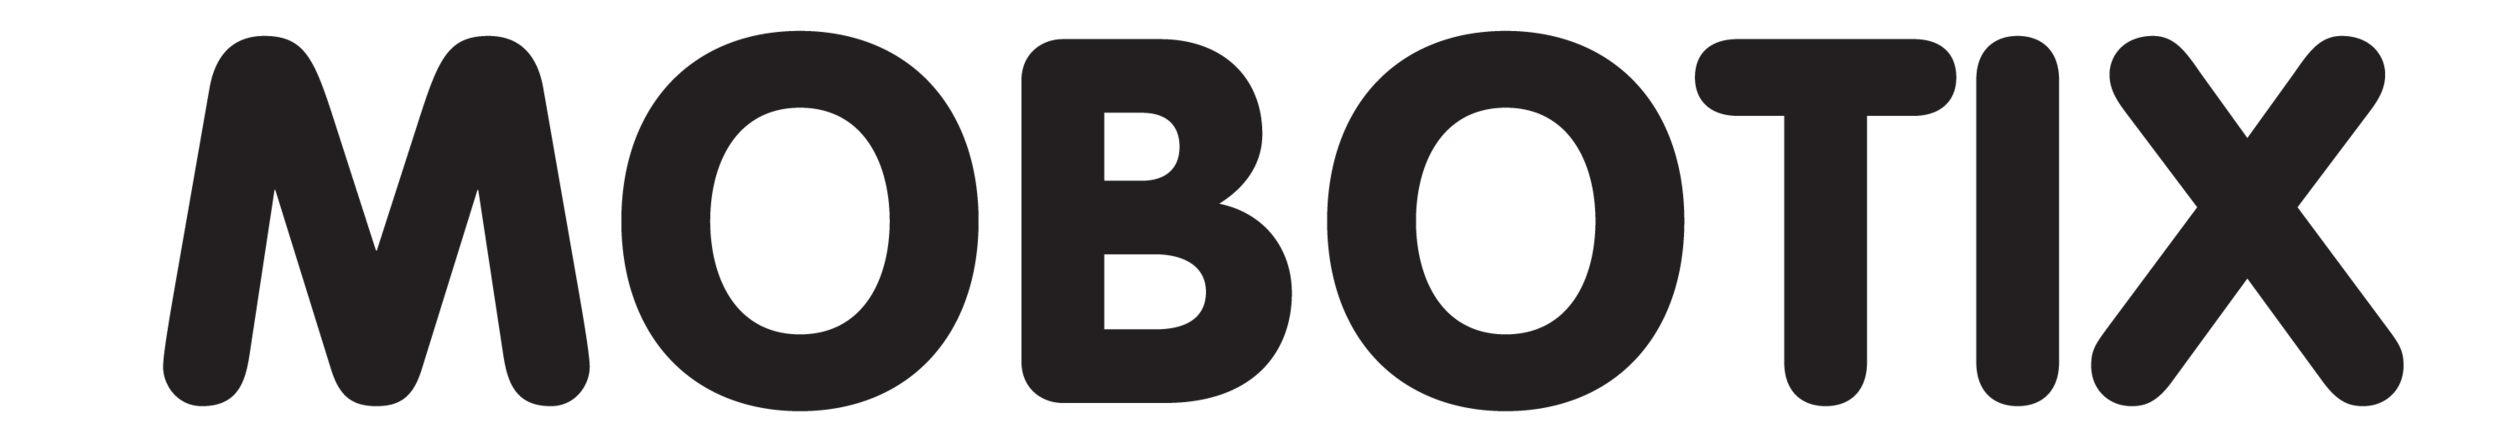 mobotix_logo_2006.png